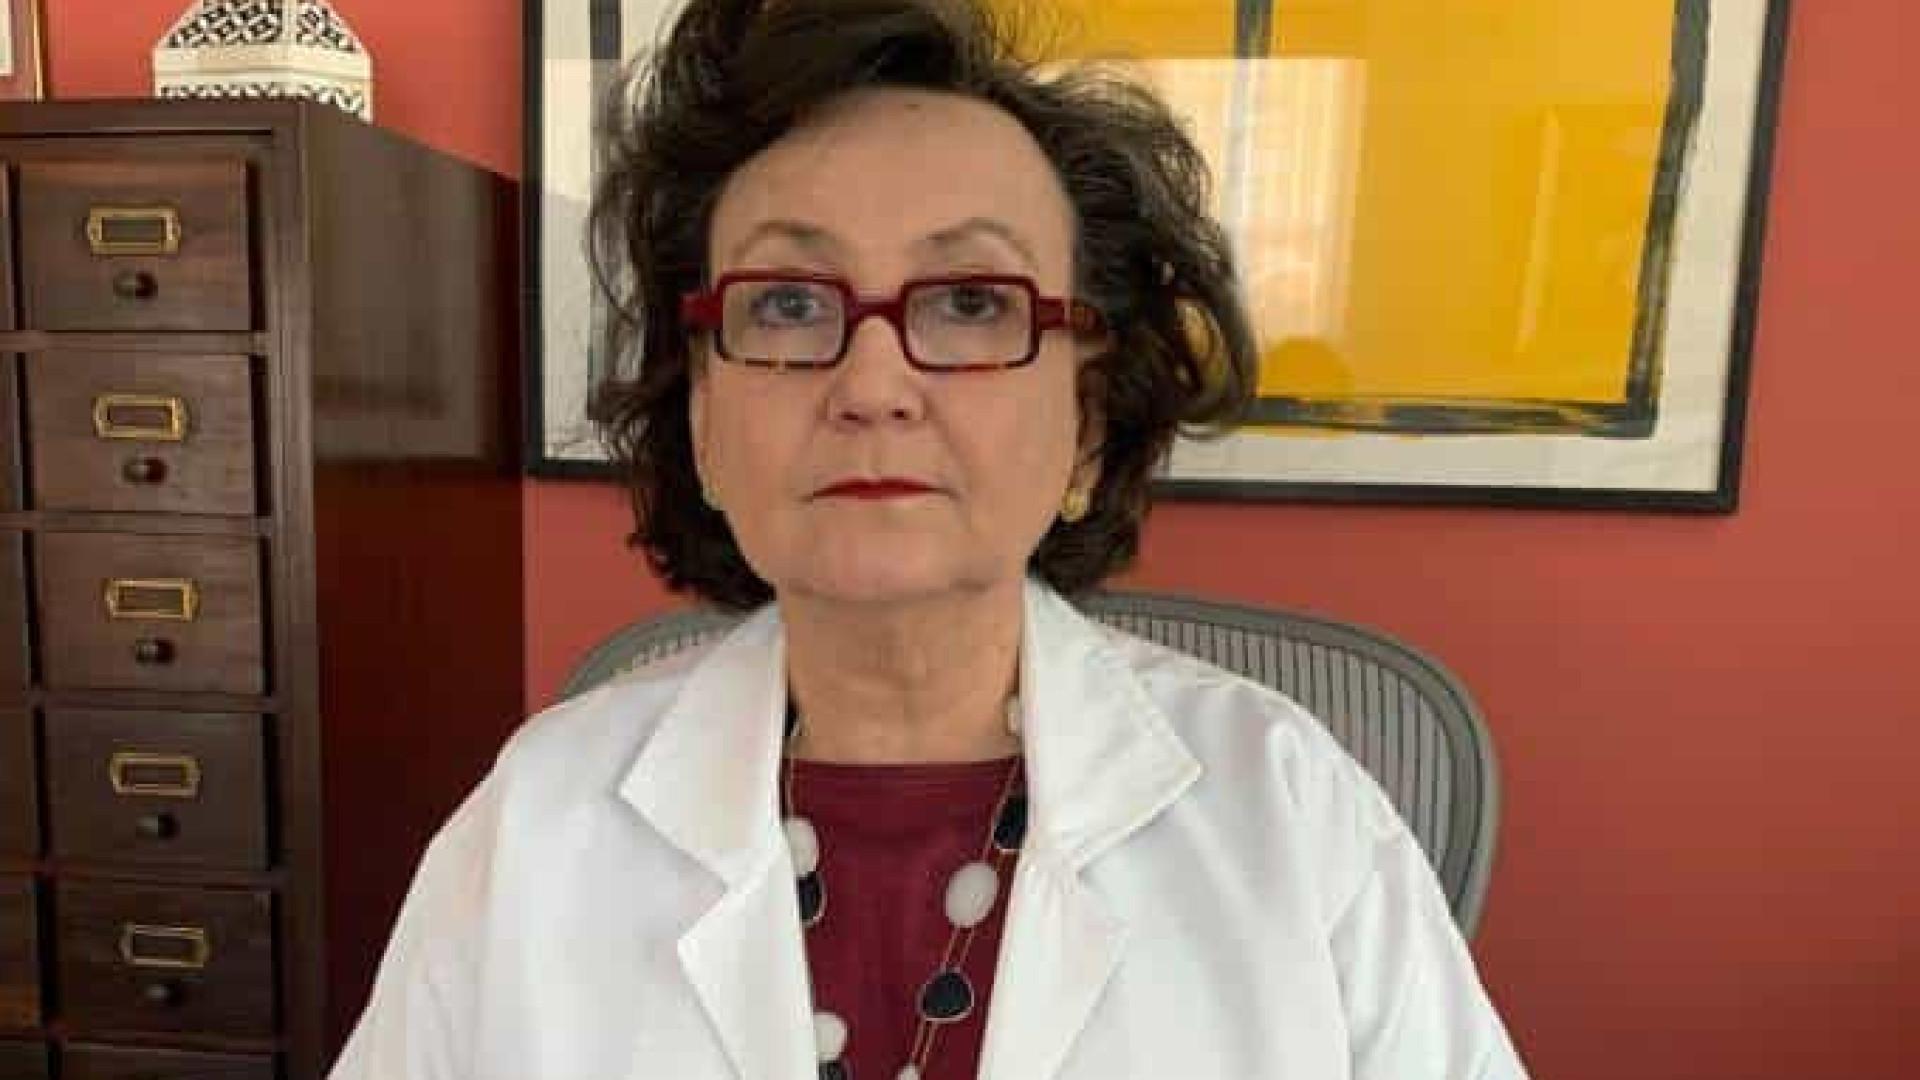 Médica da Fiocruz chora e diz que falta de vacinas é 'absoluta incompetência' do governo